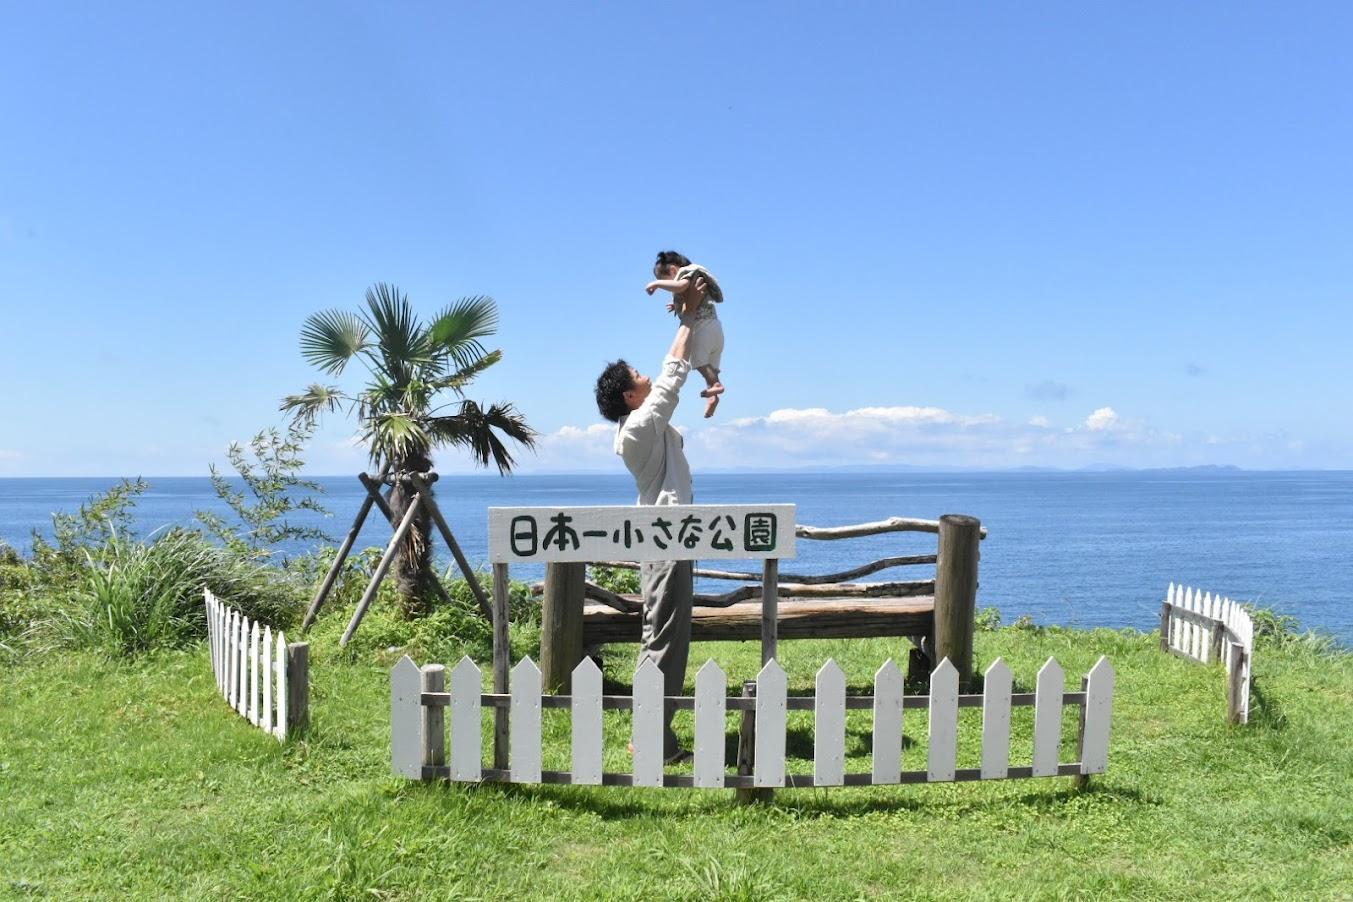 小さな子供連れでも気軽にプチトリップ♪長崎・西海の美しい景色に出会う旅路。-1